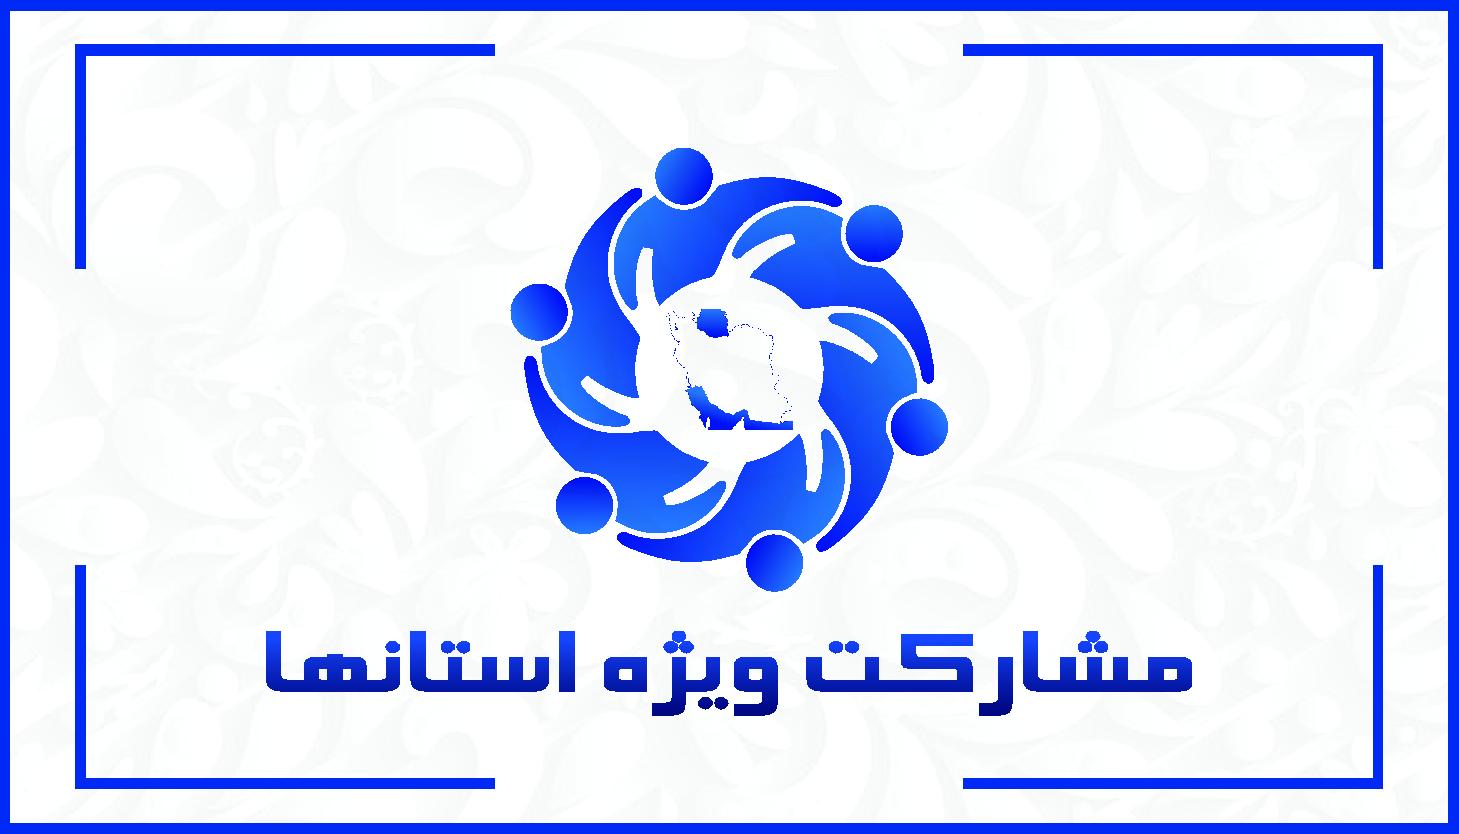 مشارکت ویژه استان ها